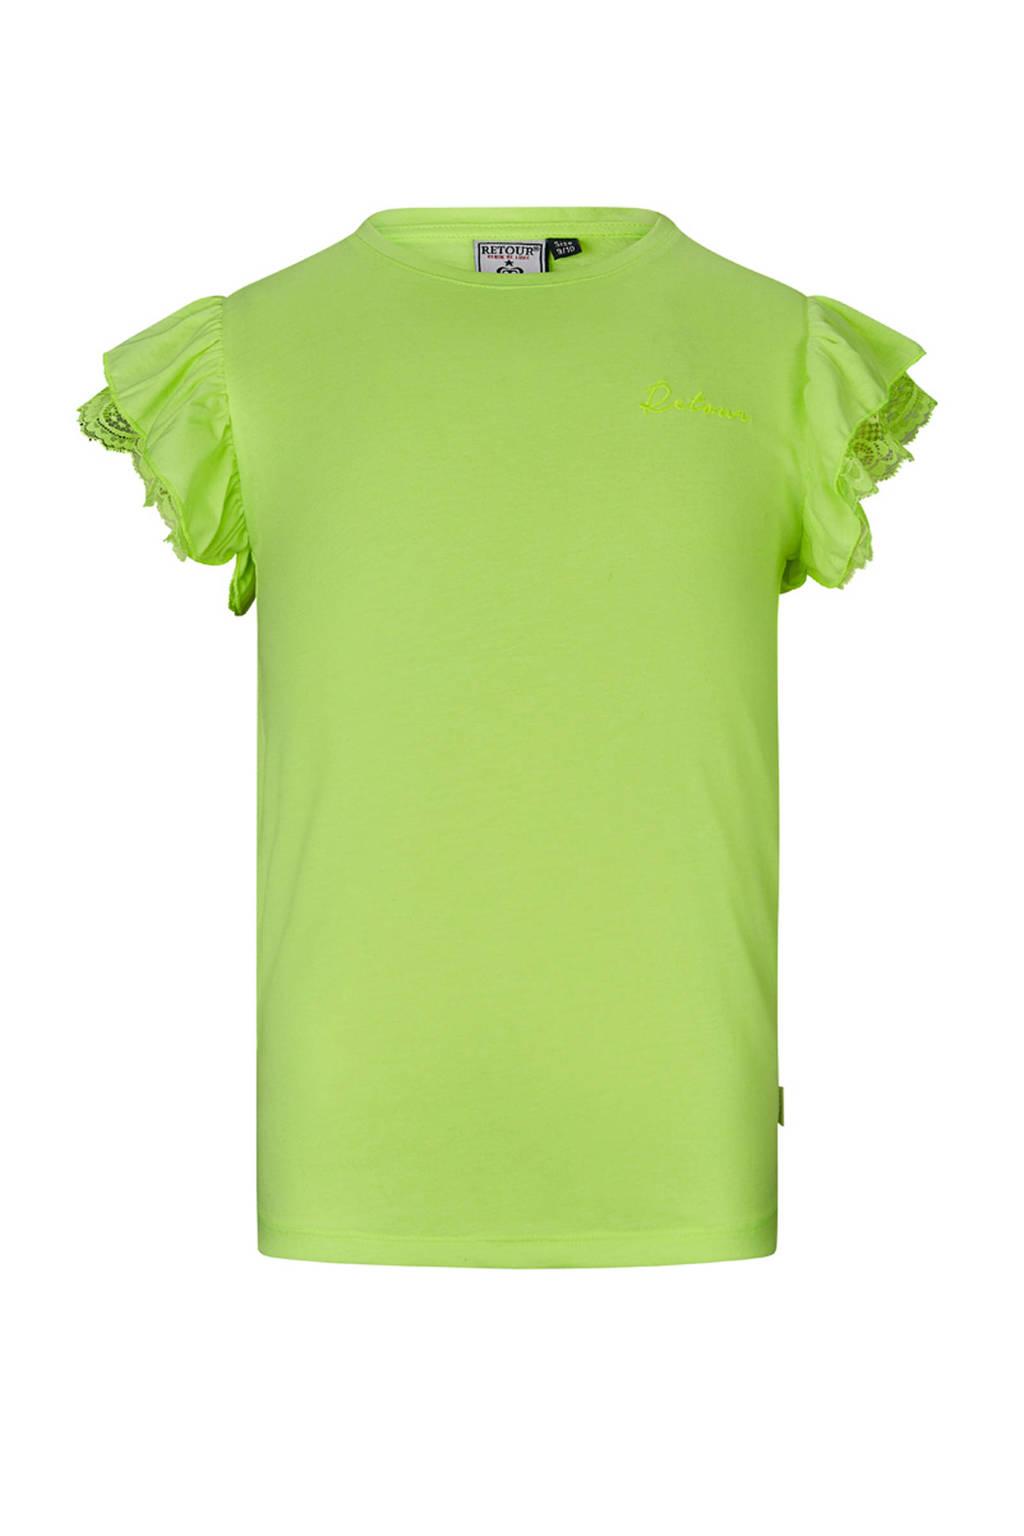 Retour Denim T-shirt Hanna met borduursels neon geel, Neon geel